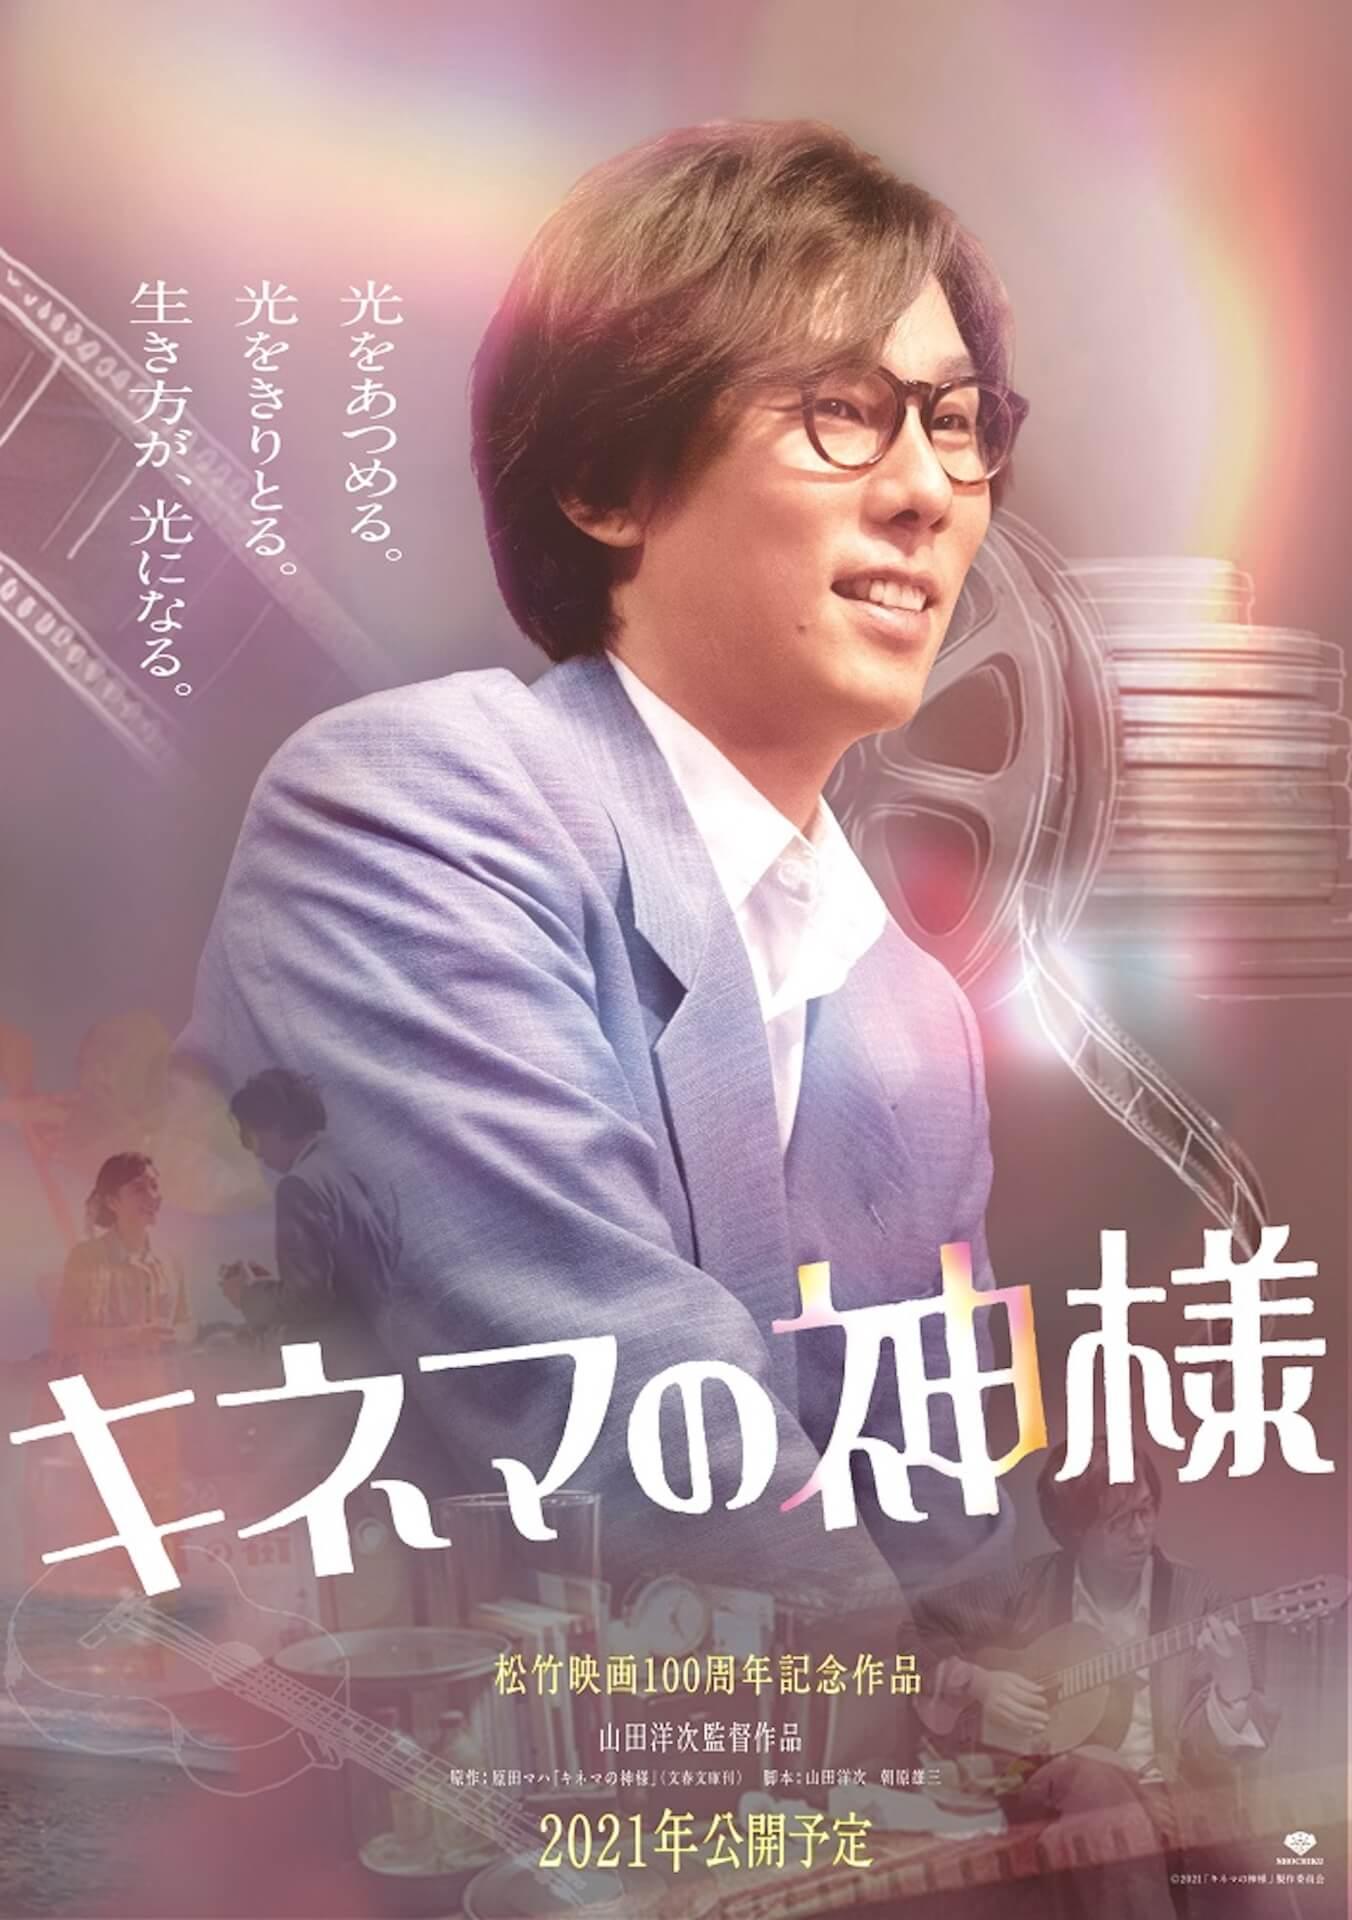 松竹映画100周年記念映画『キネマの神様』にRADWIMPS・野田洋次郎の出演が決定!本人コメントも到着「どこか絵空事のようでした」 film201021_kinemanokamisama_1